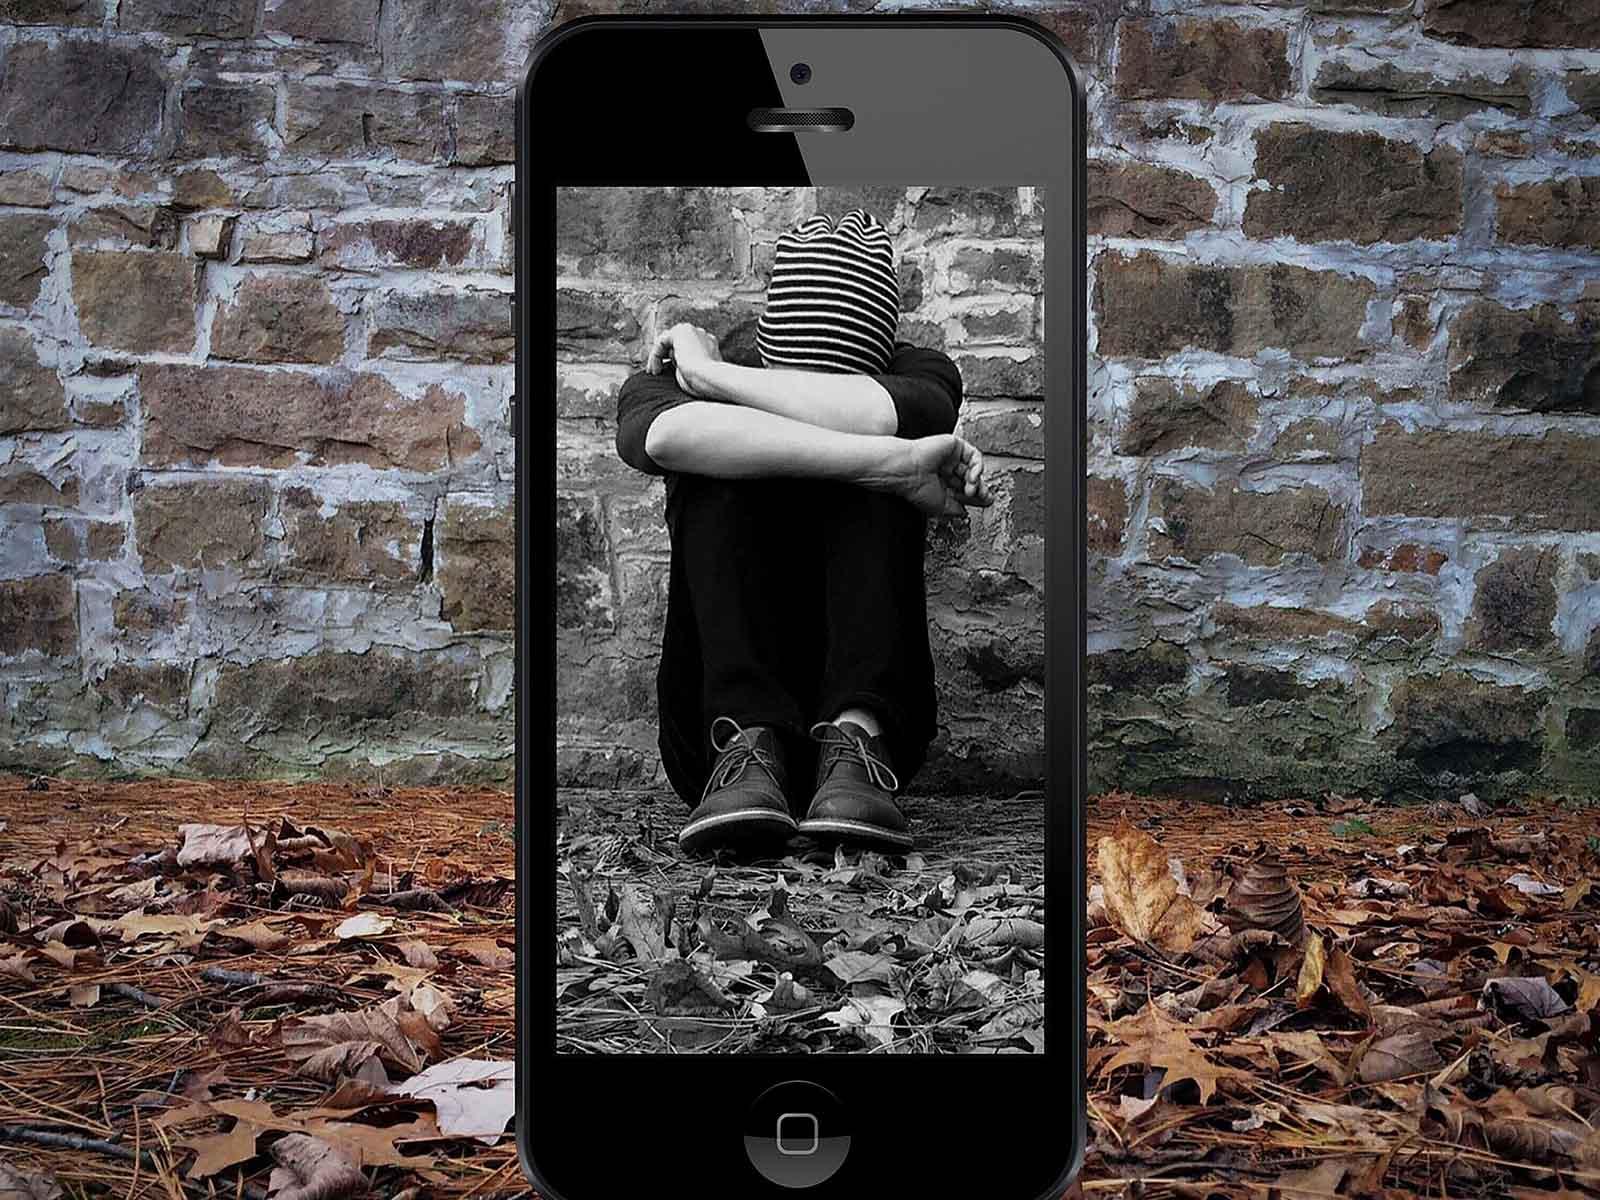 Soziale Medien spielen bei der Entstehung von psychischen Erkrankungen bei Jugendlichen eine grosse Rolle.